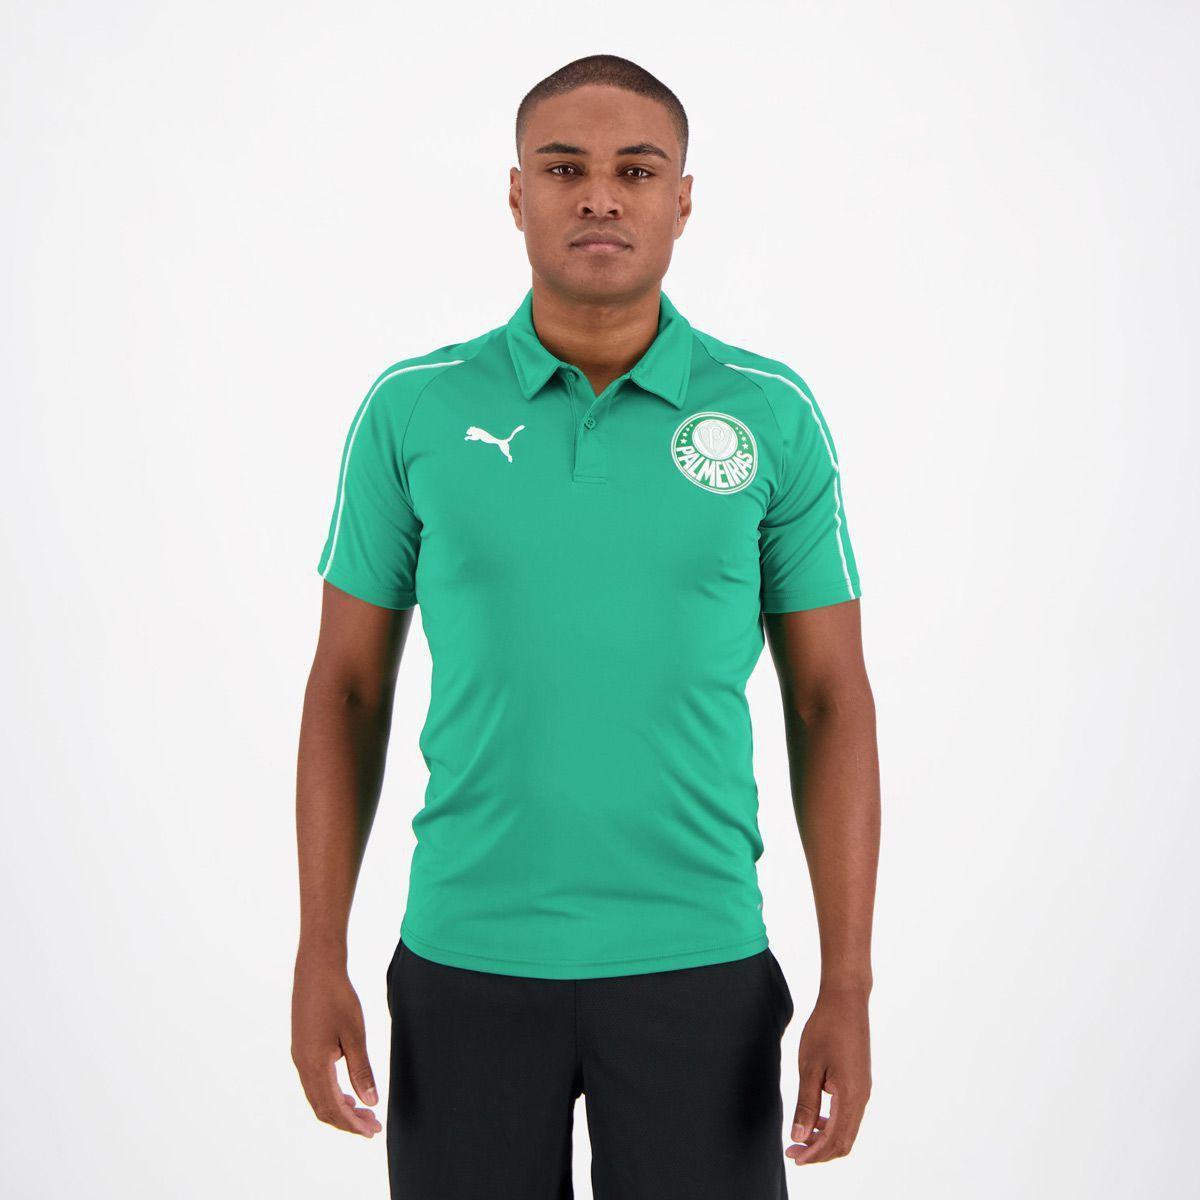 c32d0053be12a Camisa Polo Palmeiras 19 20 Puma Masculina - Verde - Compre Agora ...